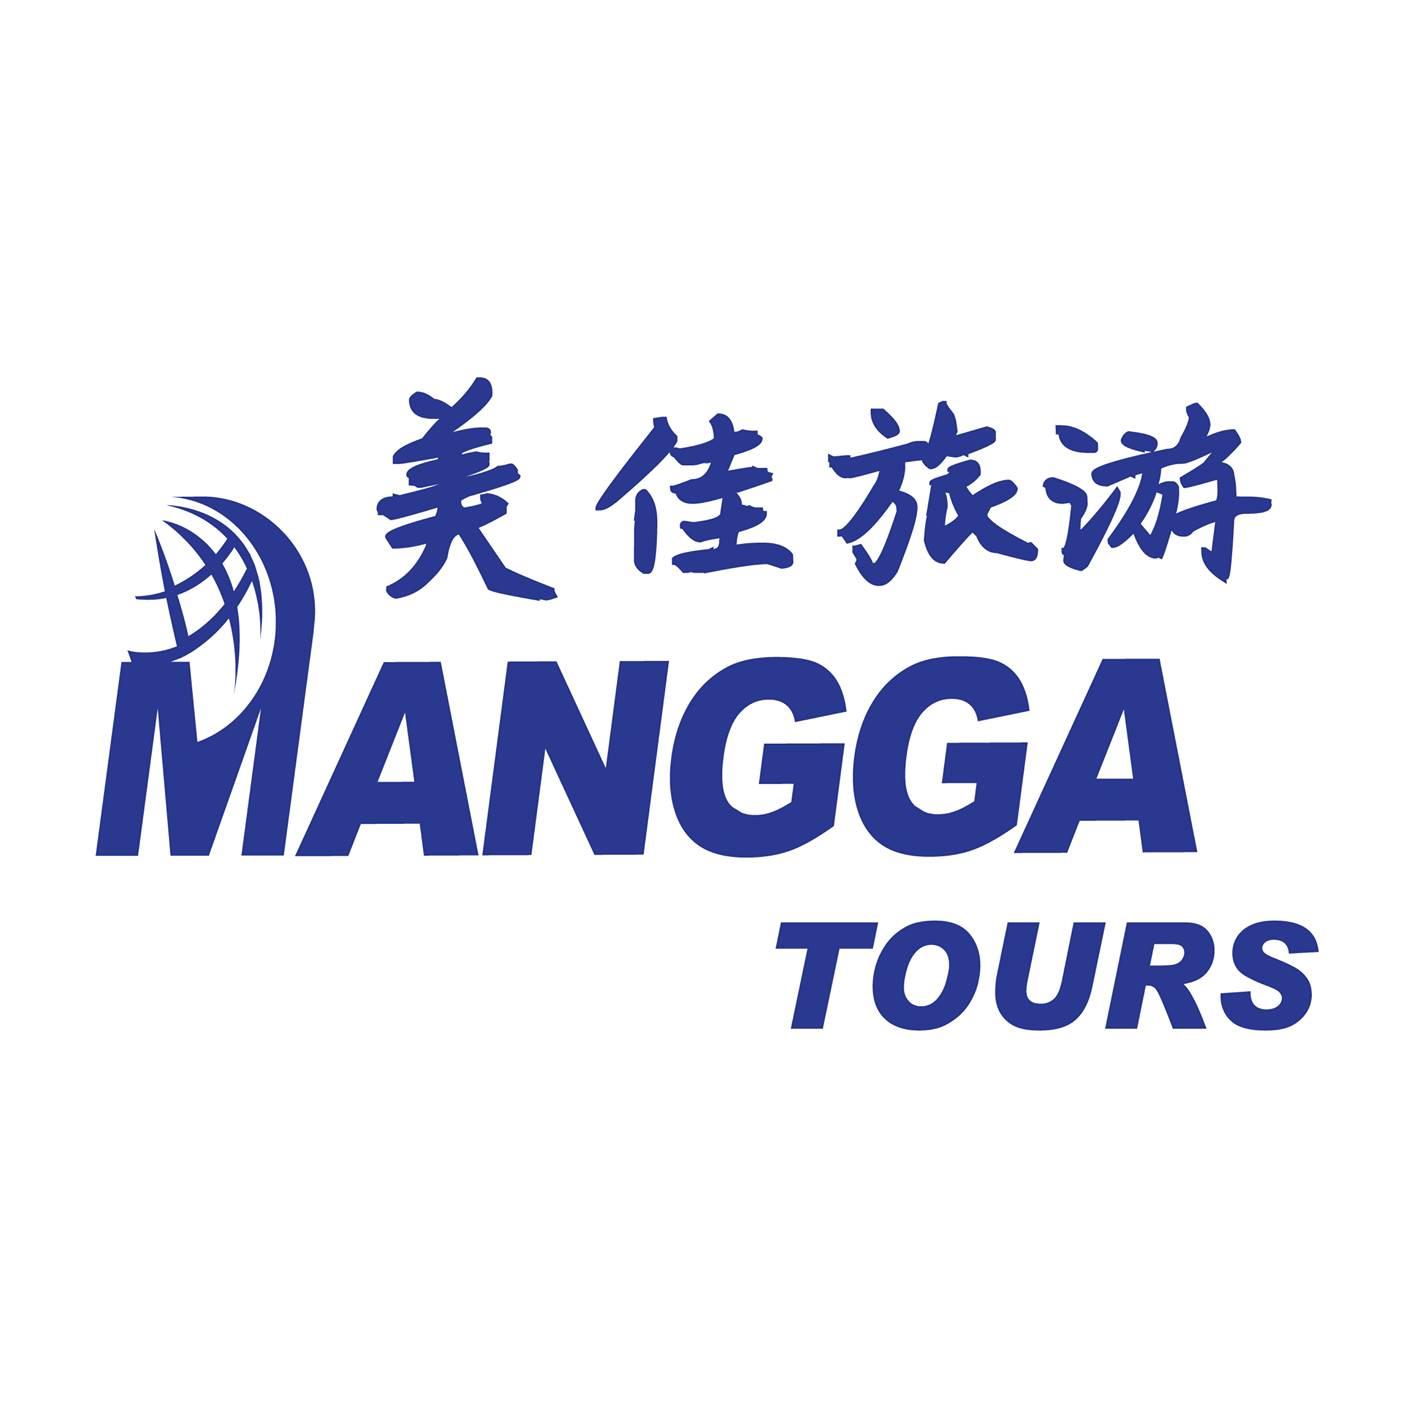 Mangga Travel & Tours Sdn. Bhd.